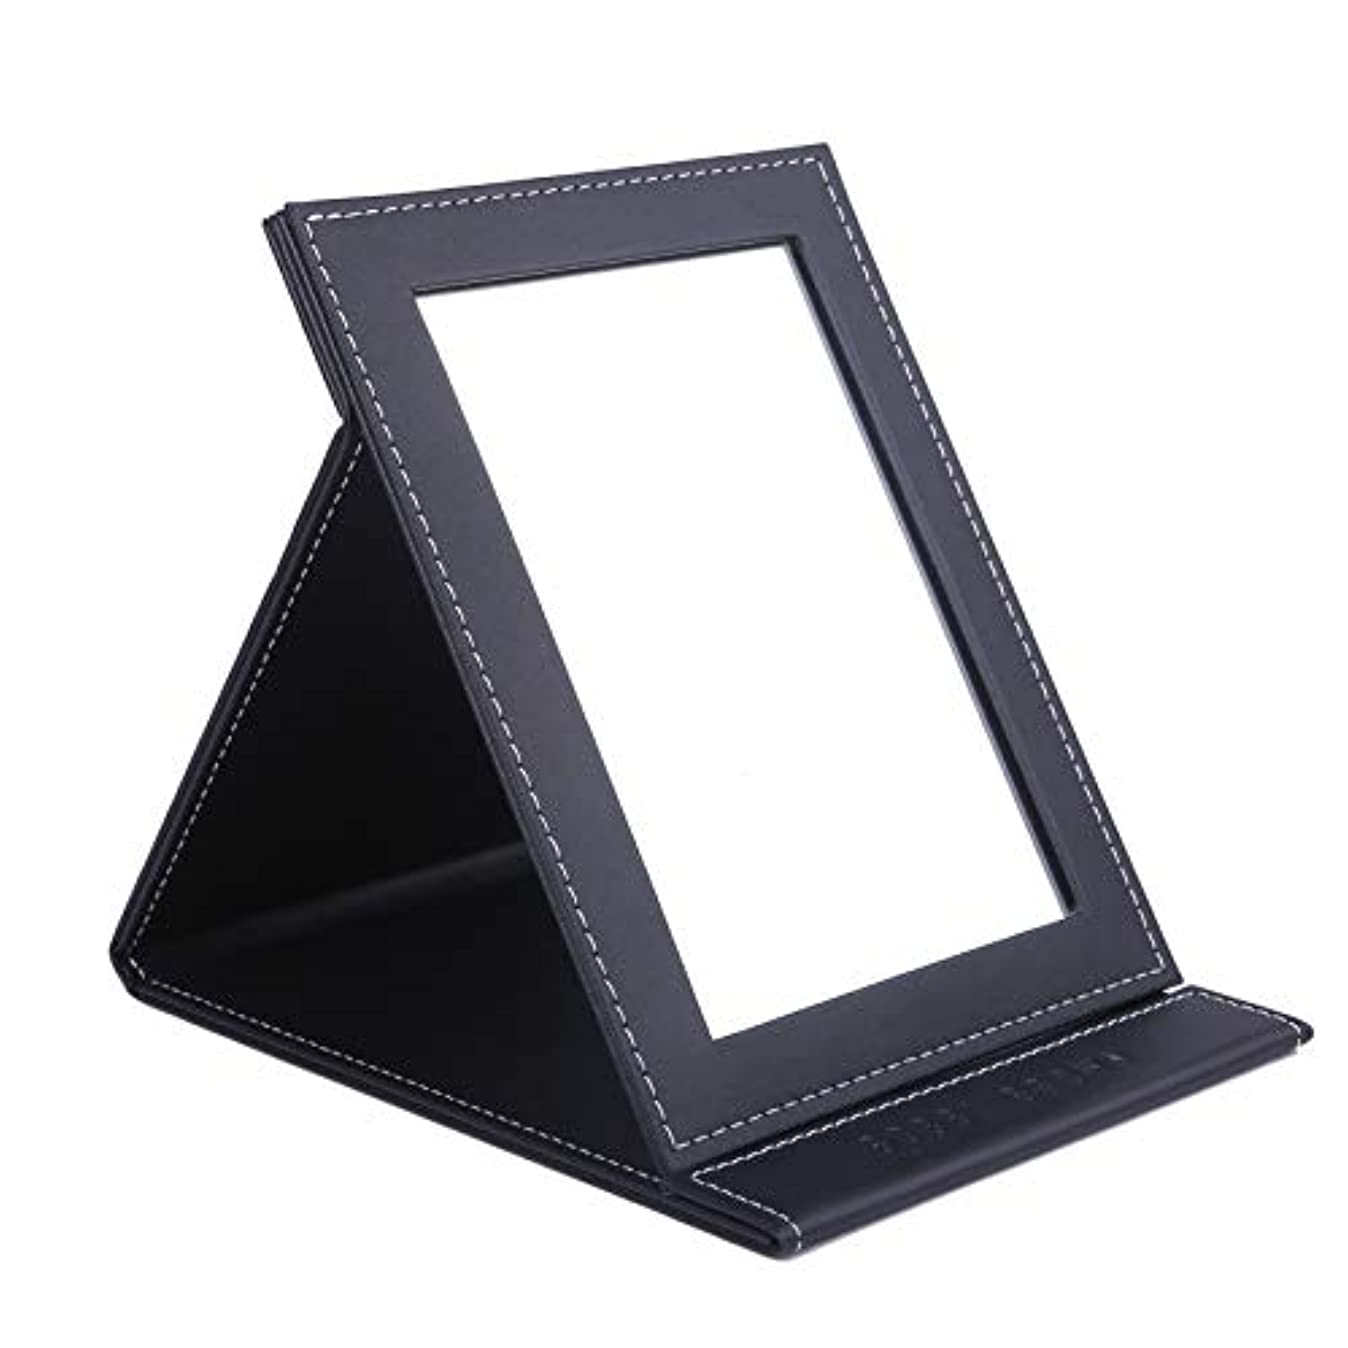 右でる透過性[スプレンノ] 折立ミラー 卓上ミラー 折り畳みミラー 折りたたみ式 化粧鏡 レザー仕上げ (L)